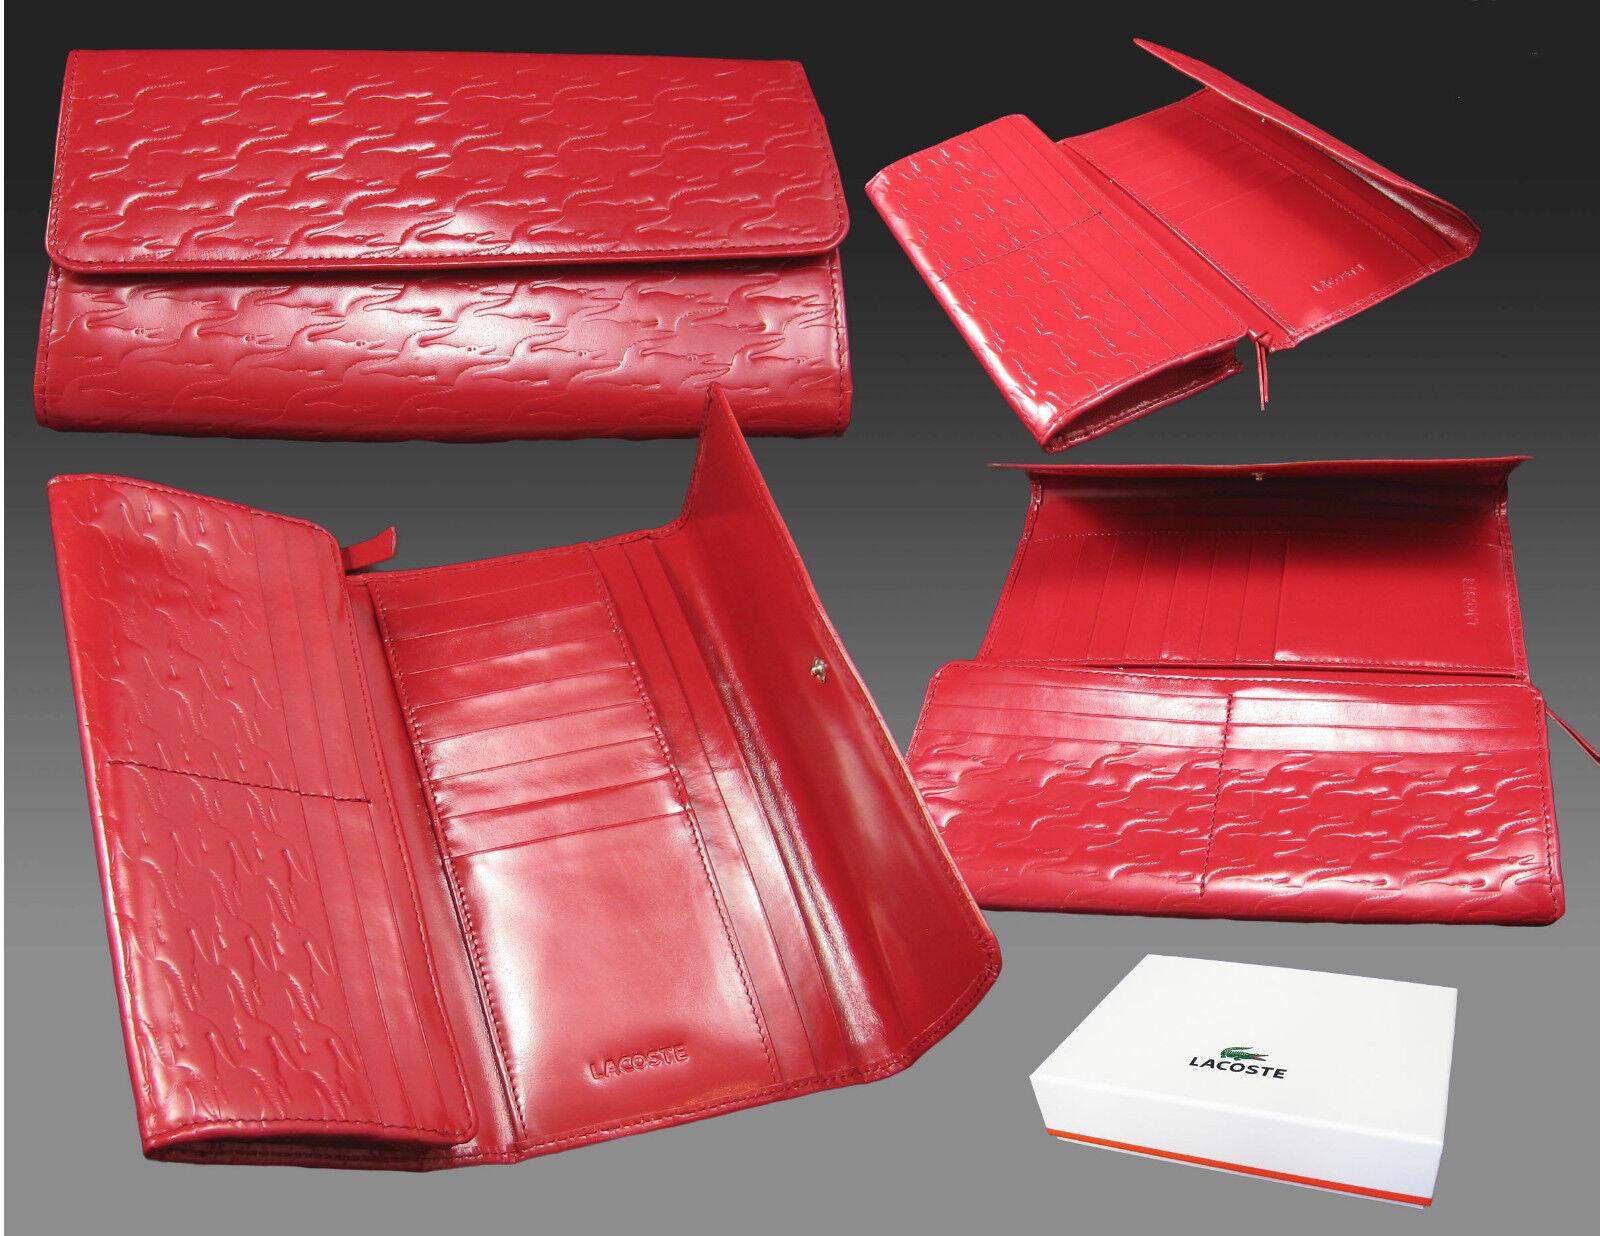 New Authentic Vintage LACOSTE Womens Leather PURSE WALLET Pied De Croc 3 Red